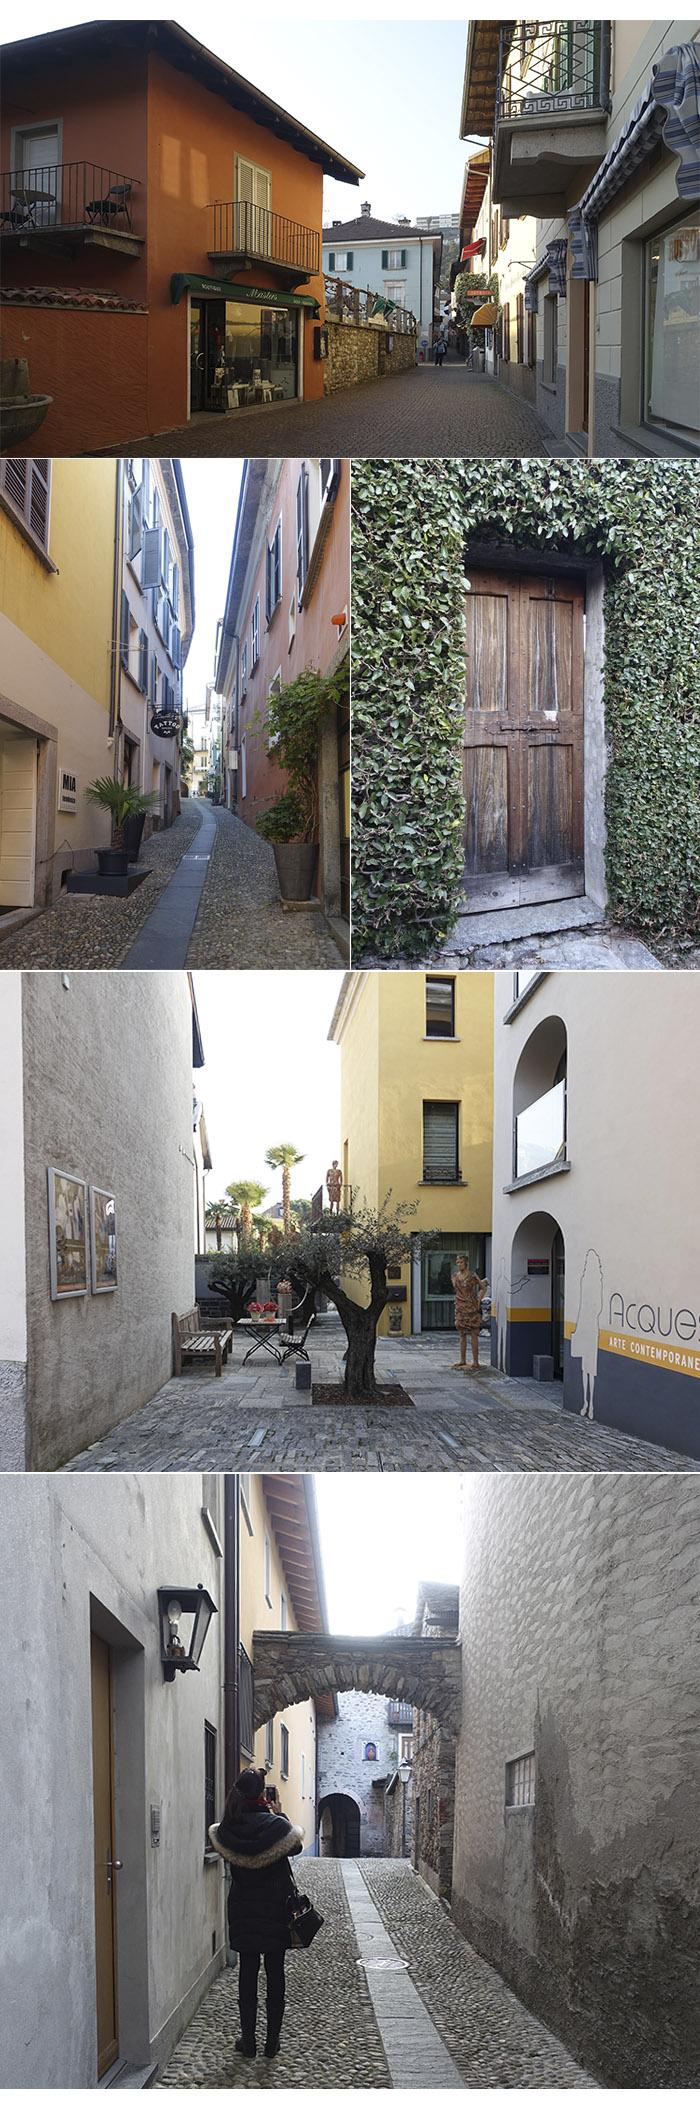 centro historico ascona - Locarno e Ascona, mais um pedacinho da Suíça Italiana